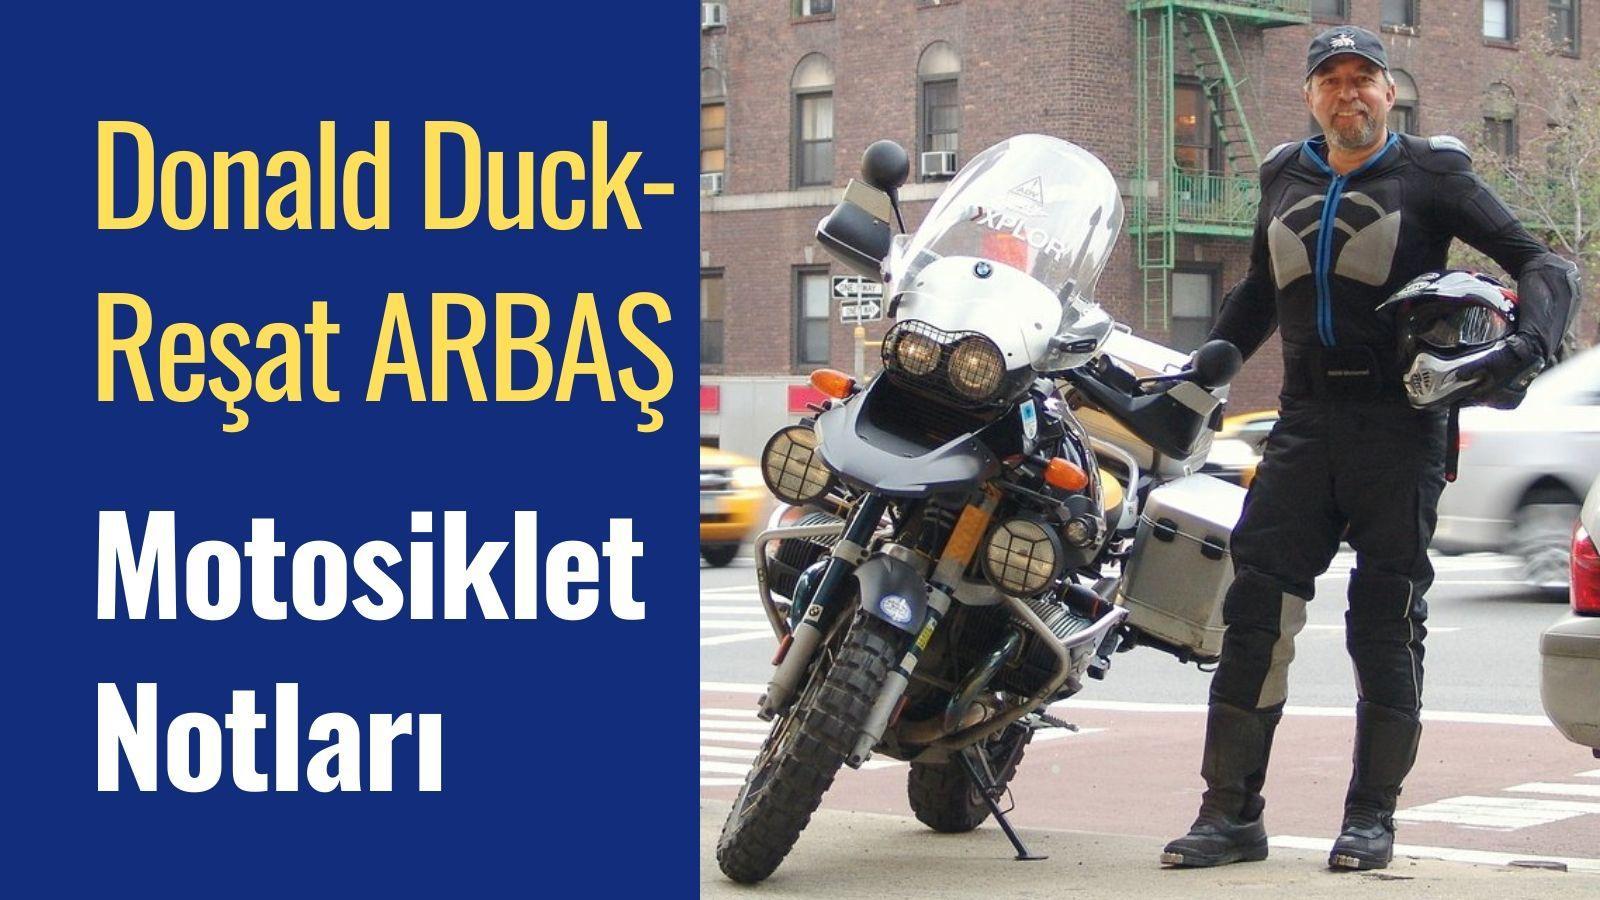 Donald Duck Reşat Arbaş Motosiklet Notları Kapak Görseli